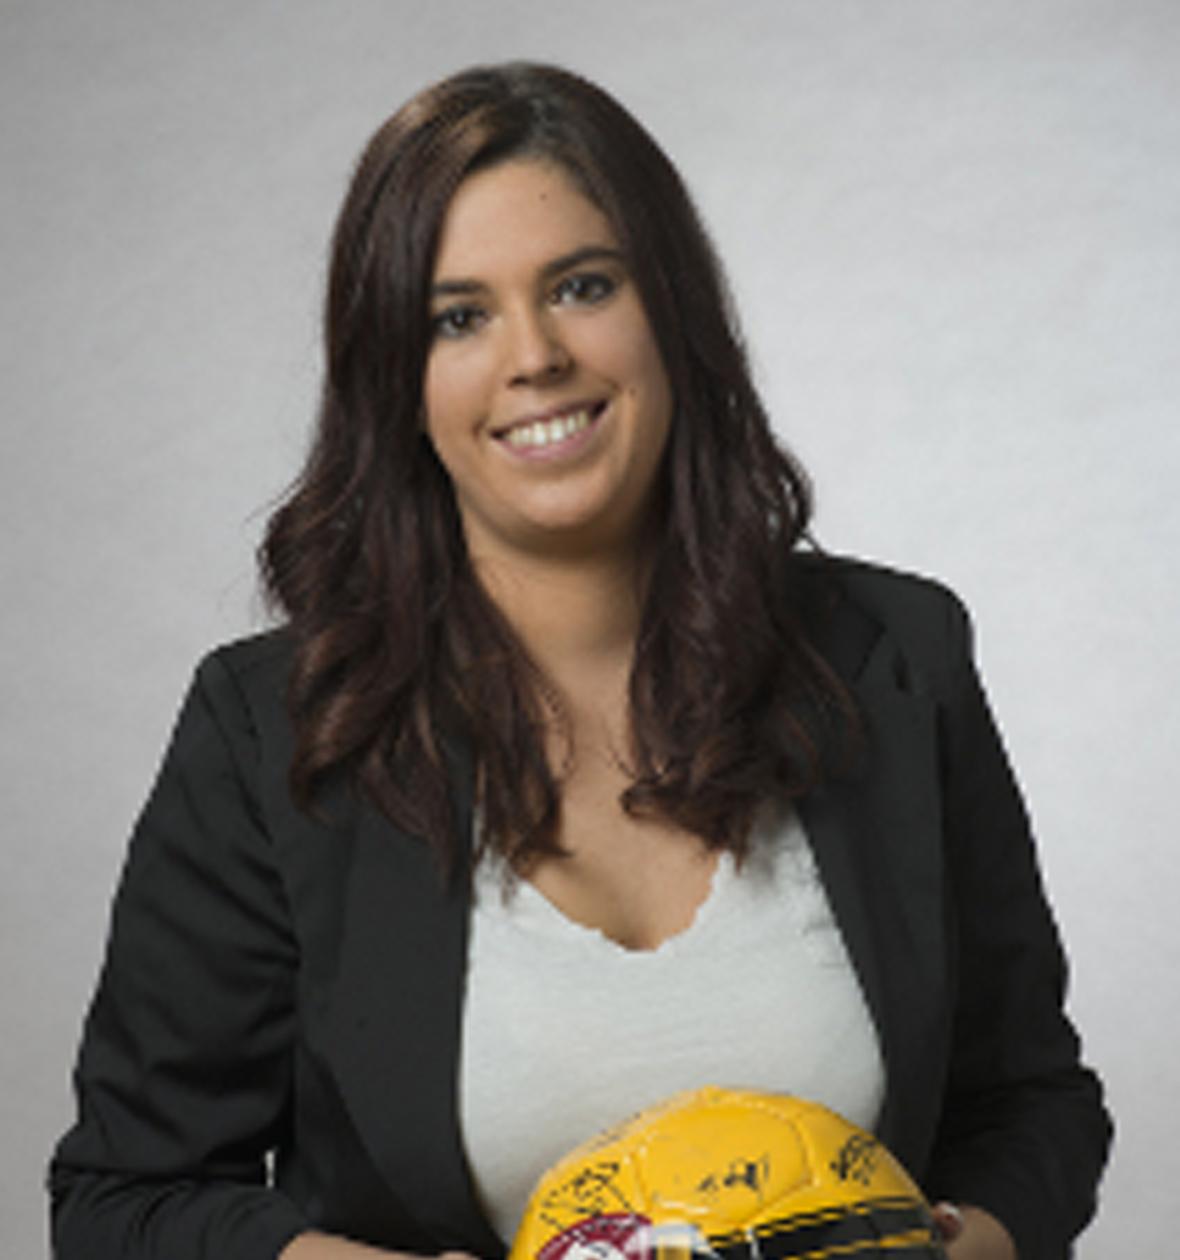 Isabell Trösch